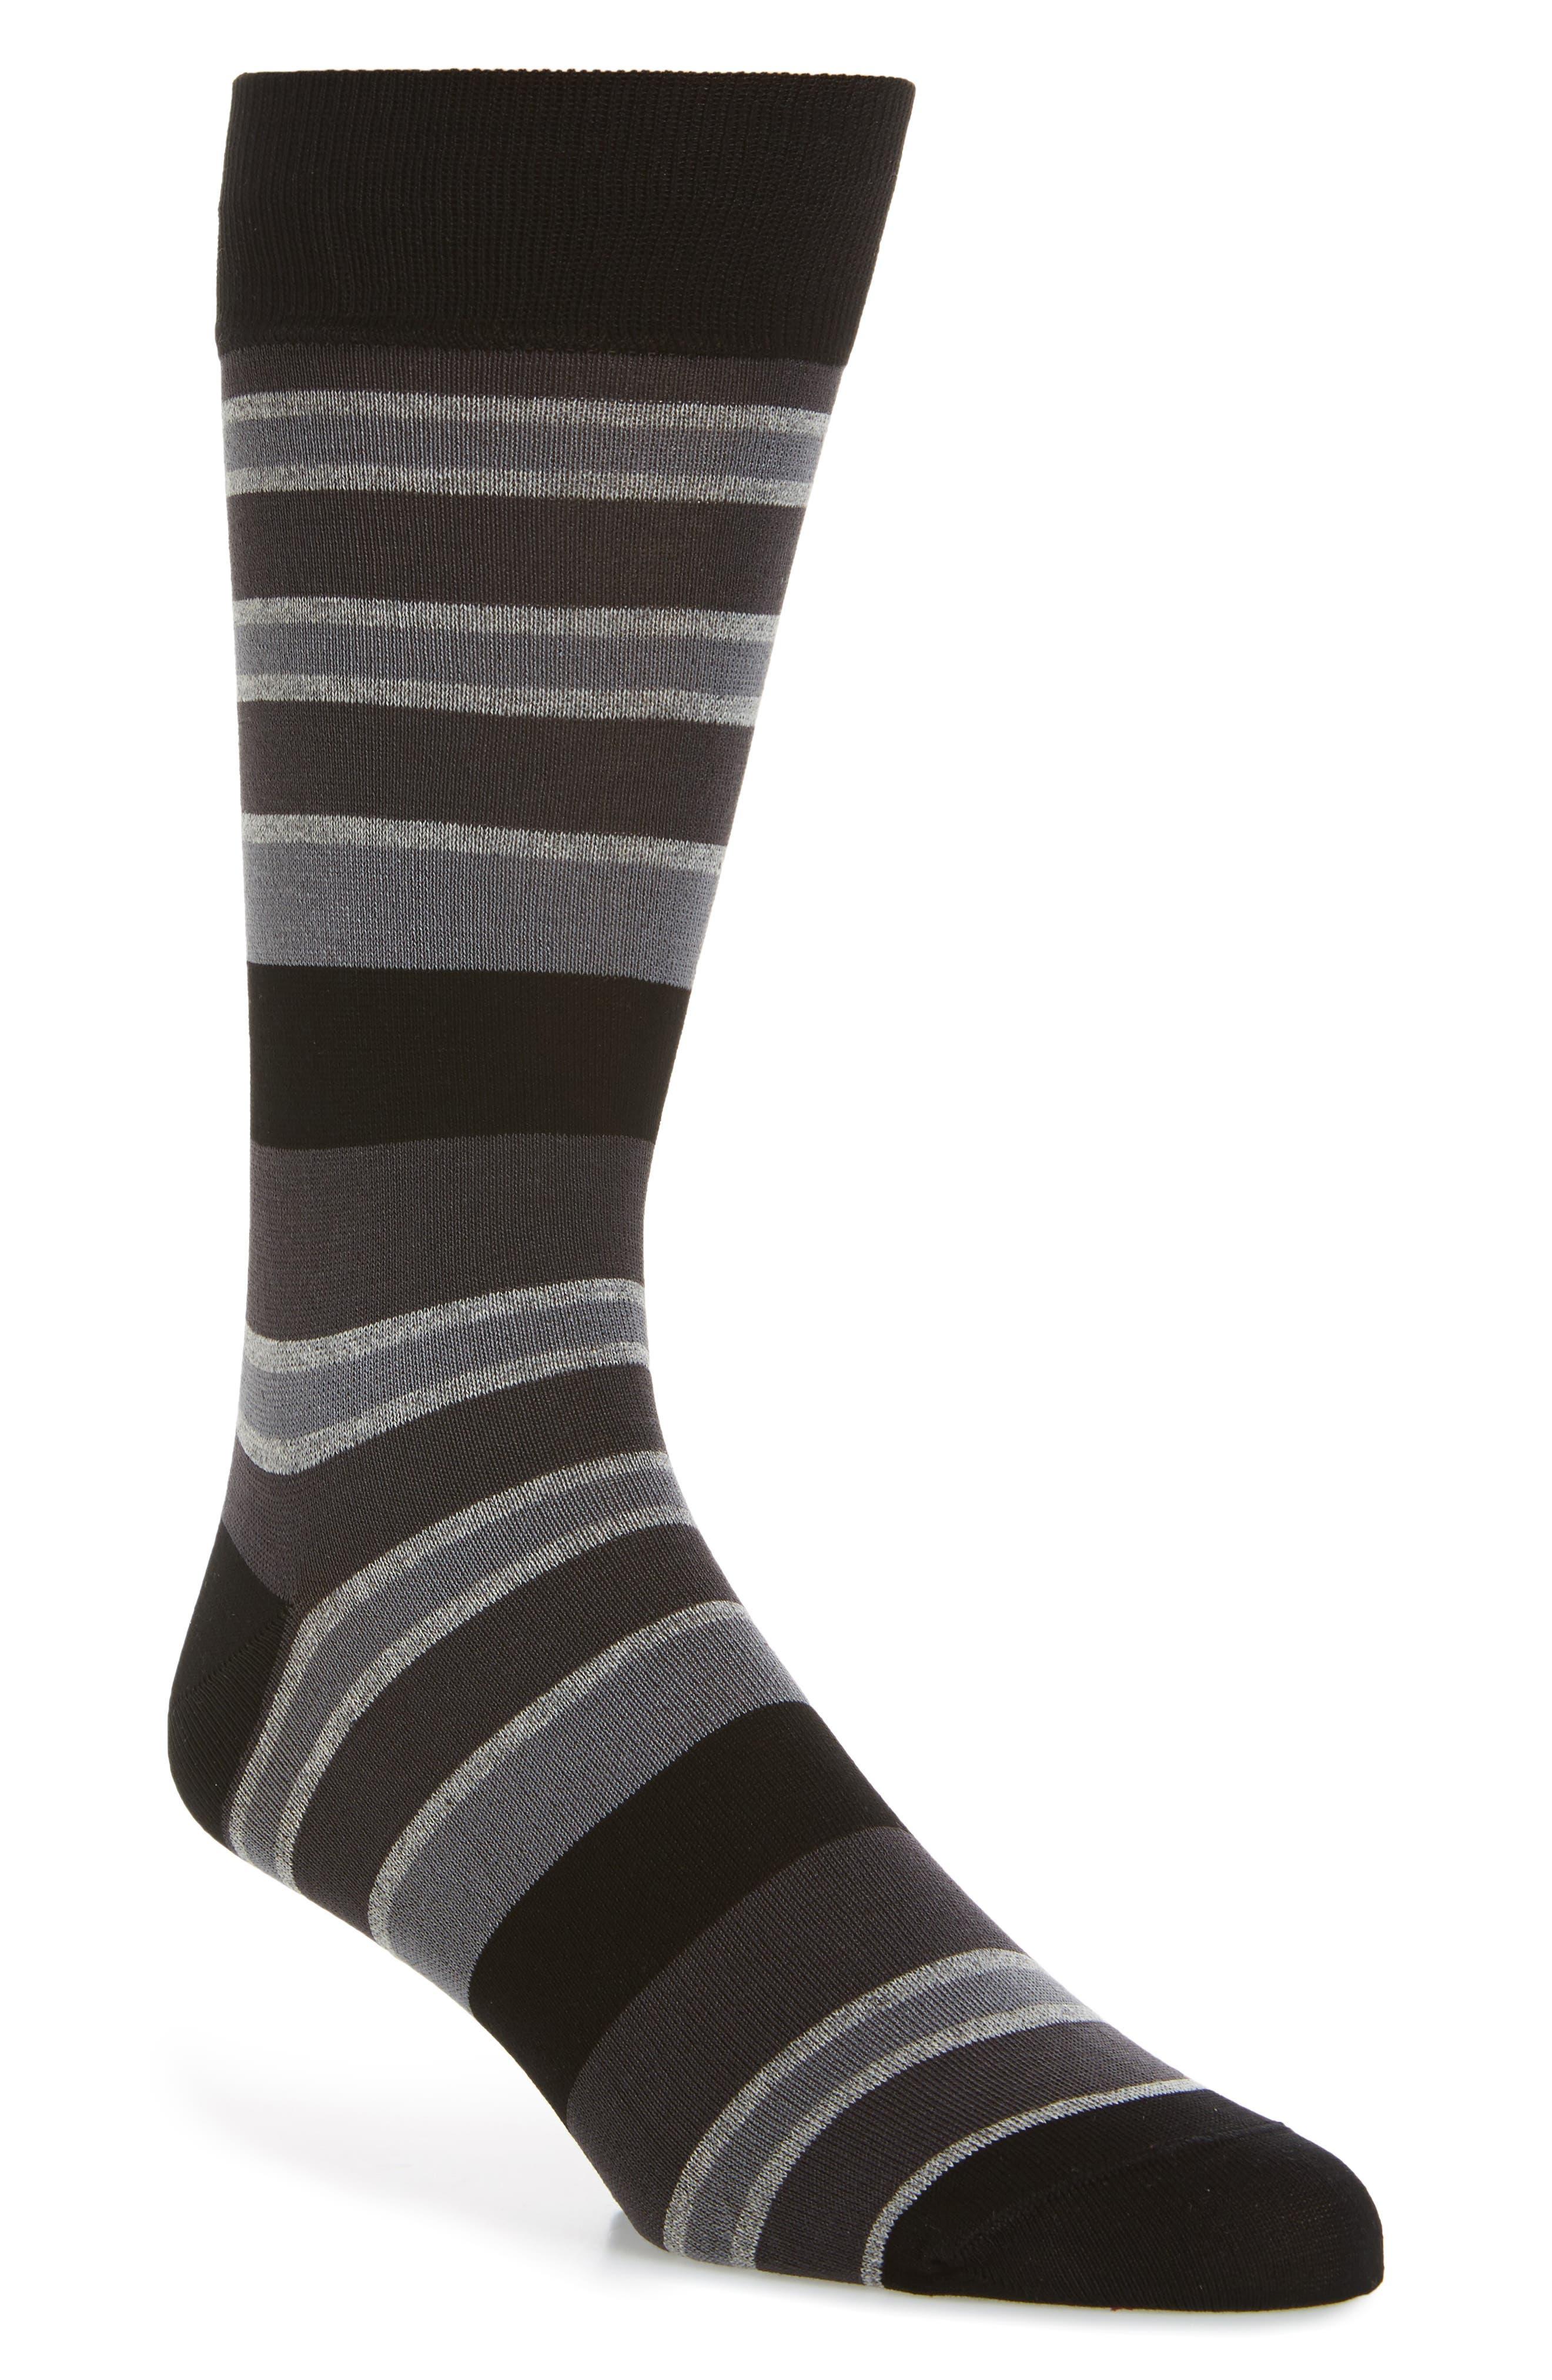 Stripe Mercerized Cotton Blend Socks,                             Main thumbnail 1, color,                             Charcoal